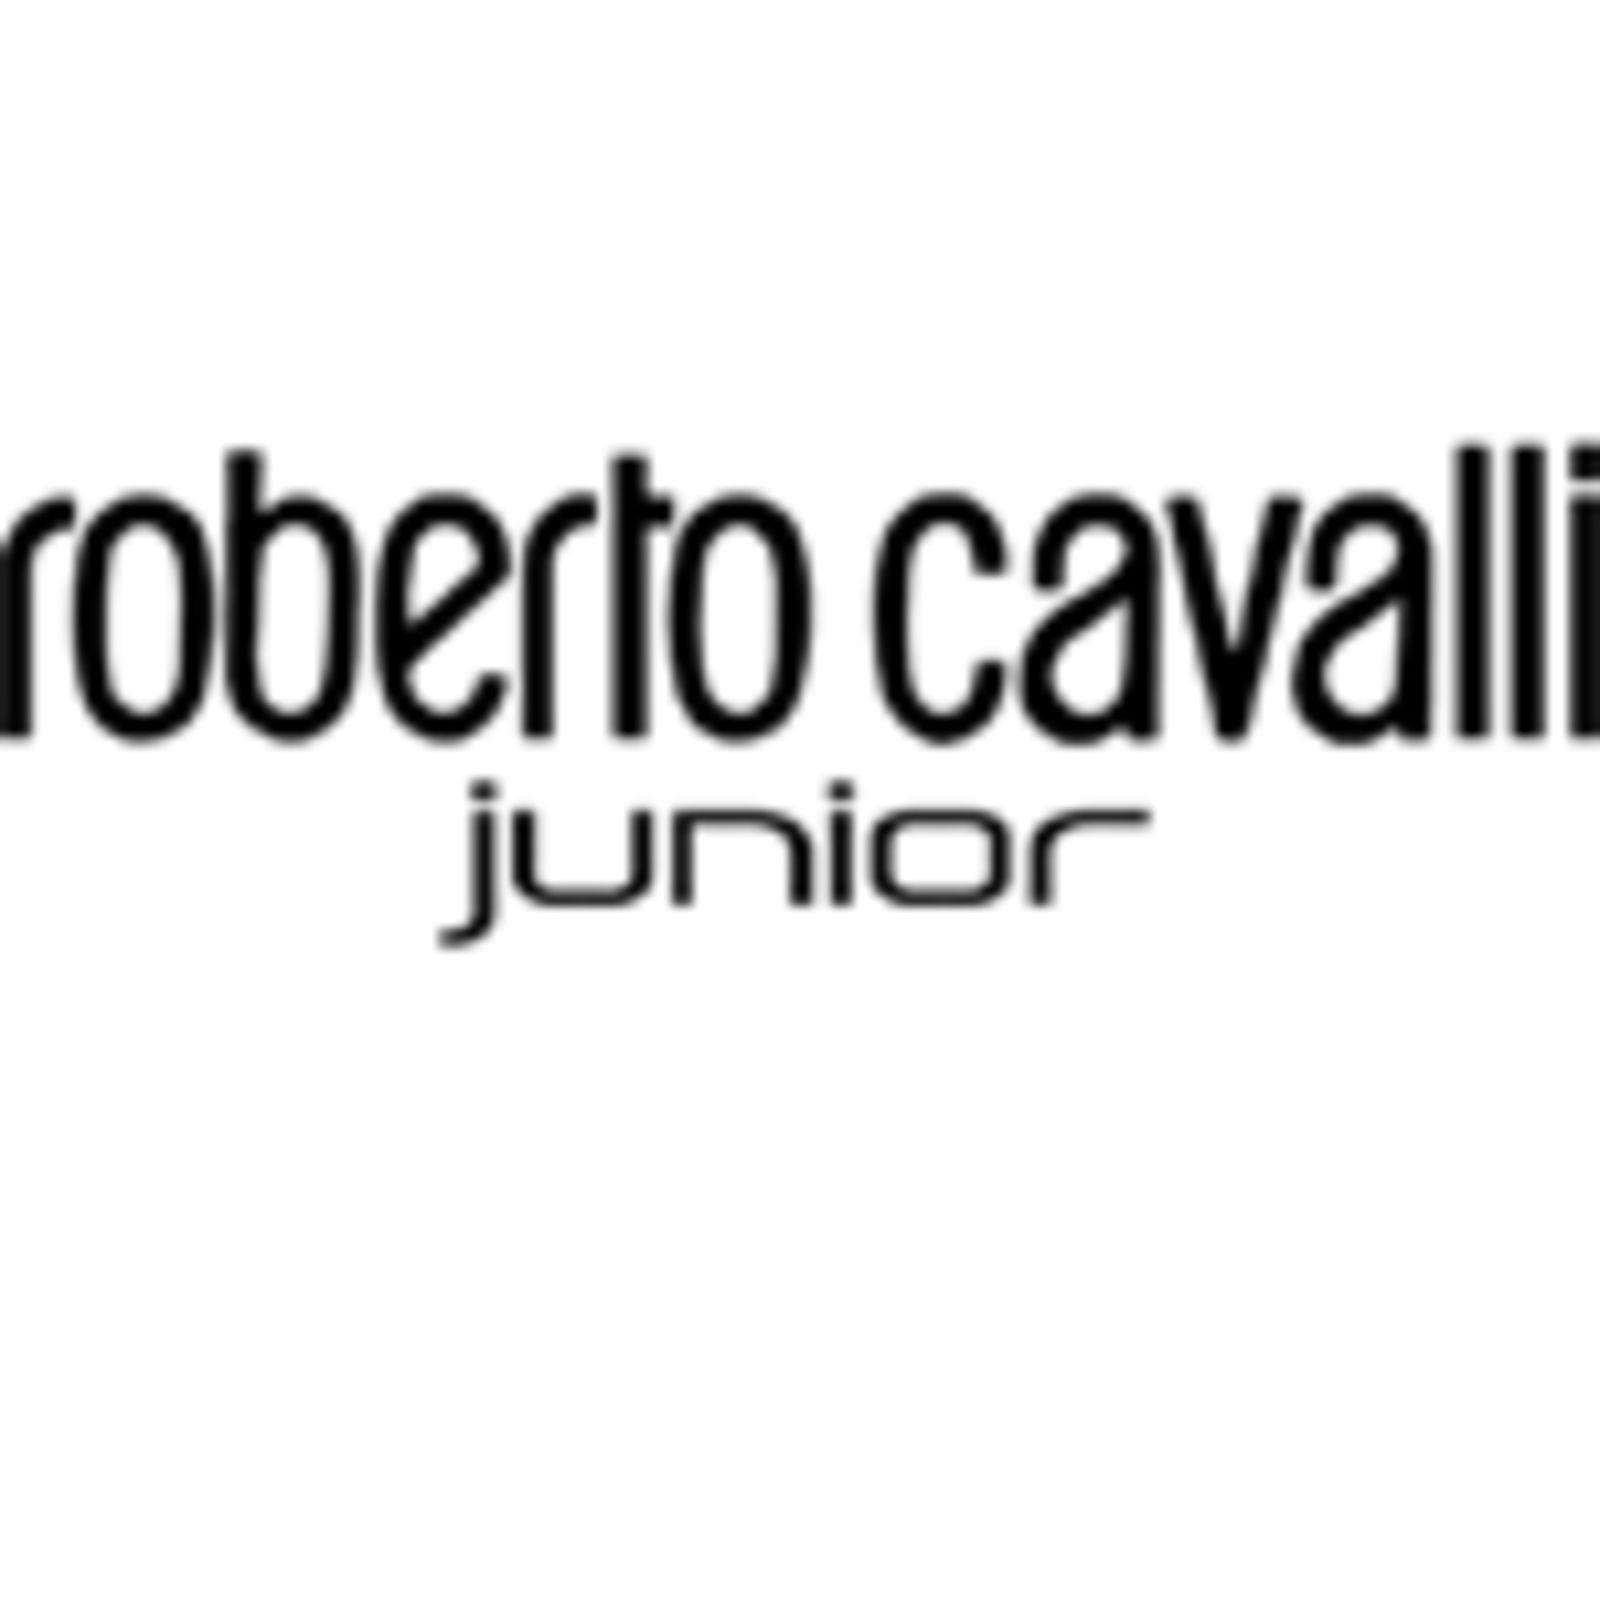 Roberto Cavalli Junior